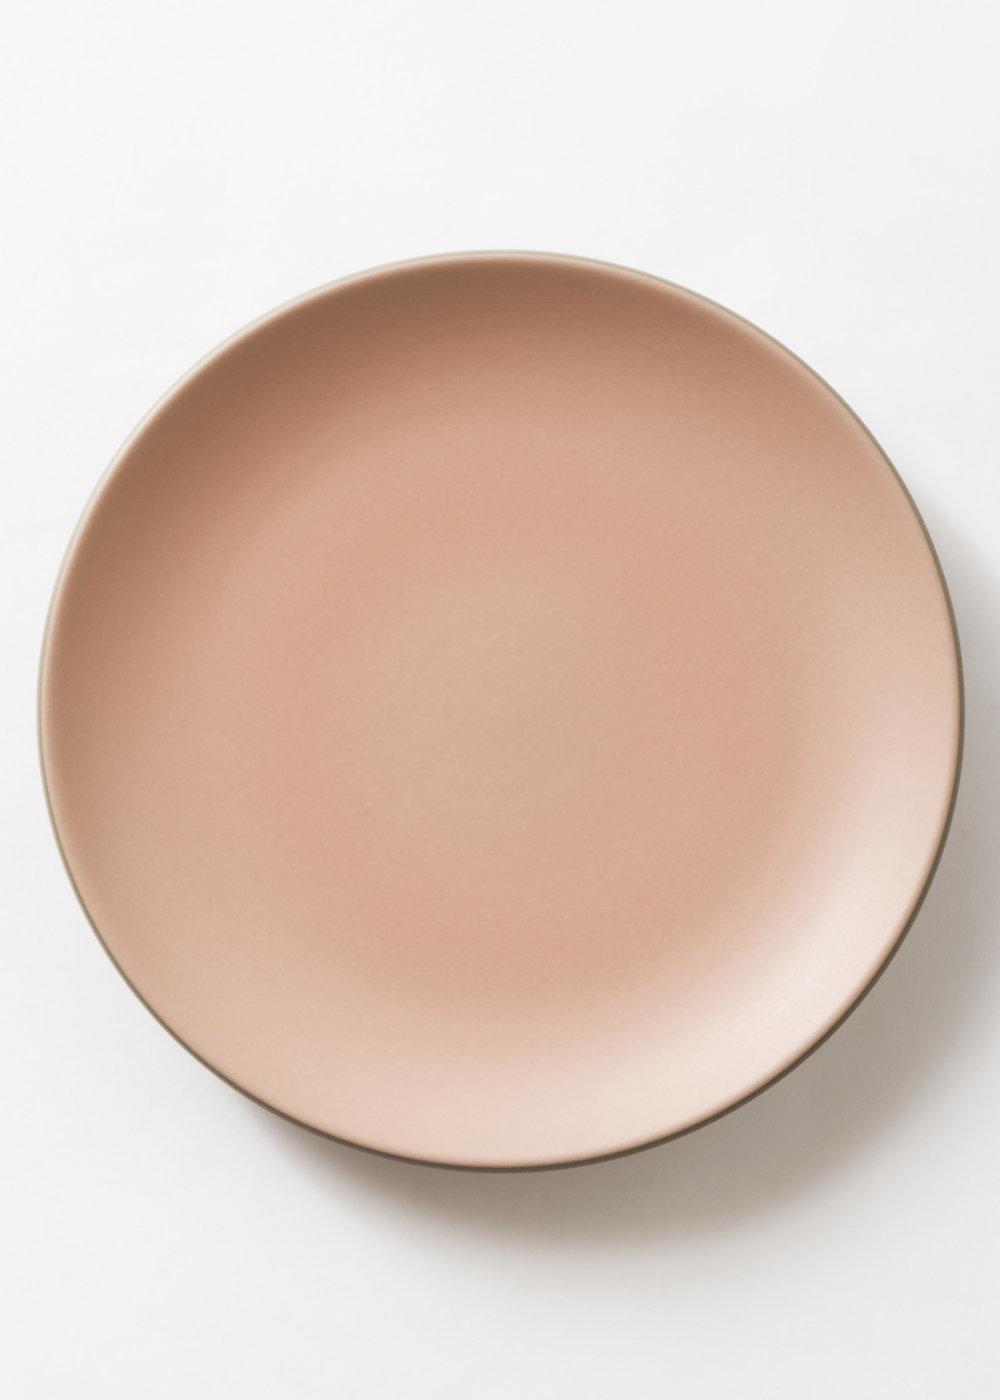 Heath Ceramics _ Sunrise _ Dinner Plate [Casa de Perrin].jpg & HEATH CERAMICS | SUNRISE u2014 Casa de Perrin